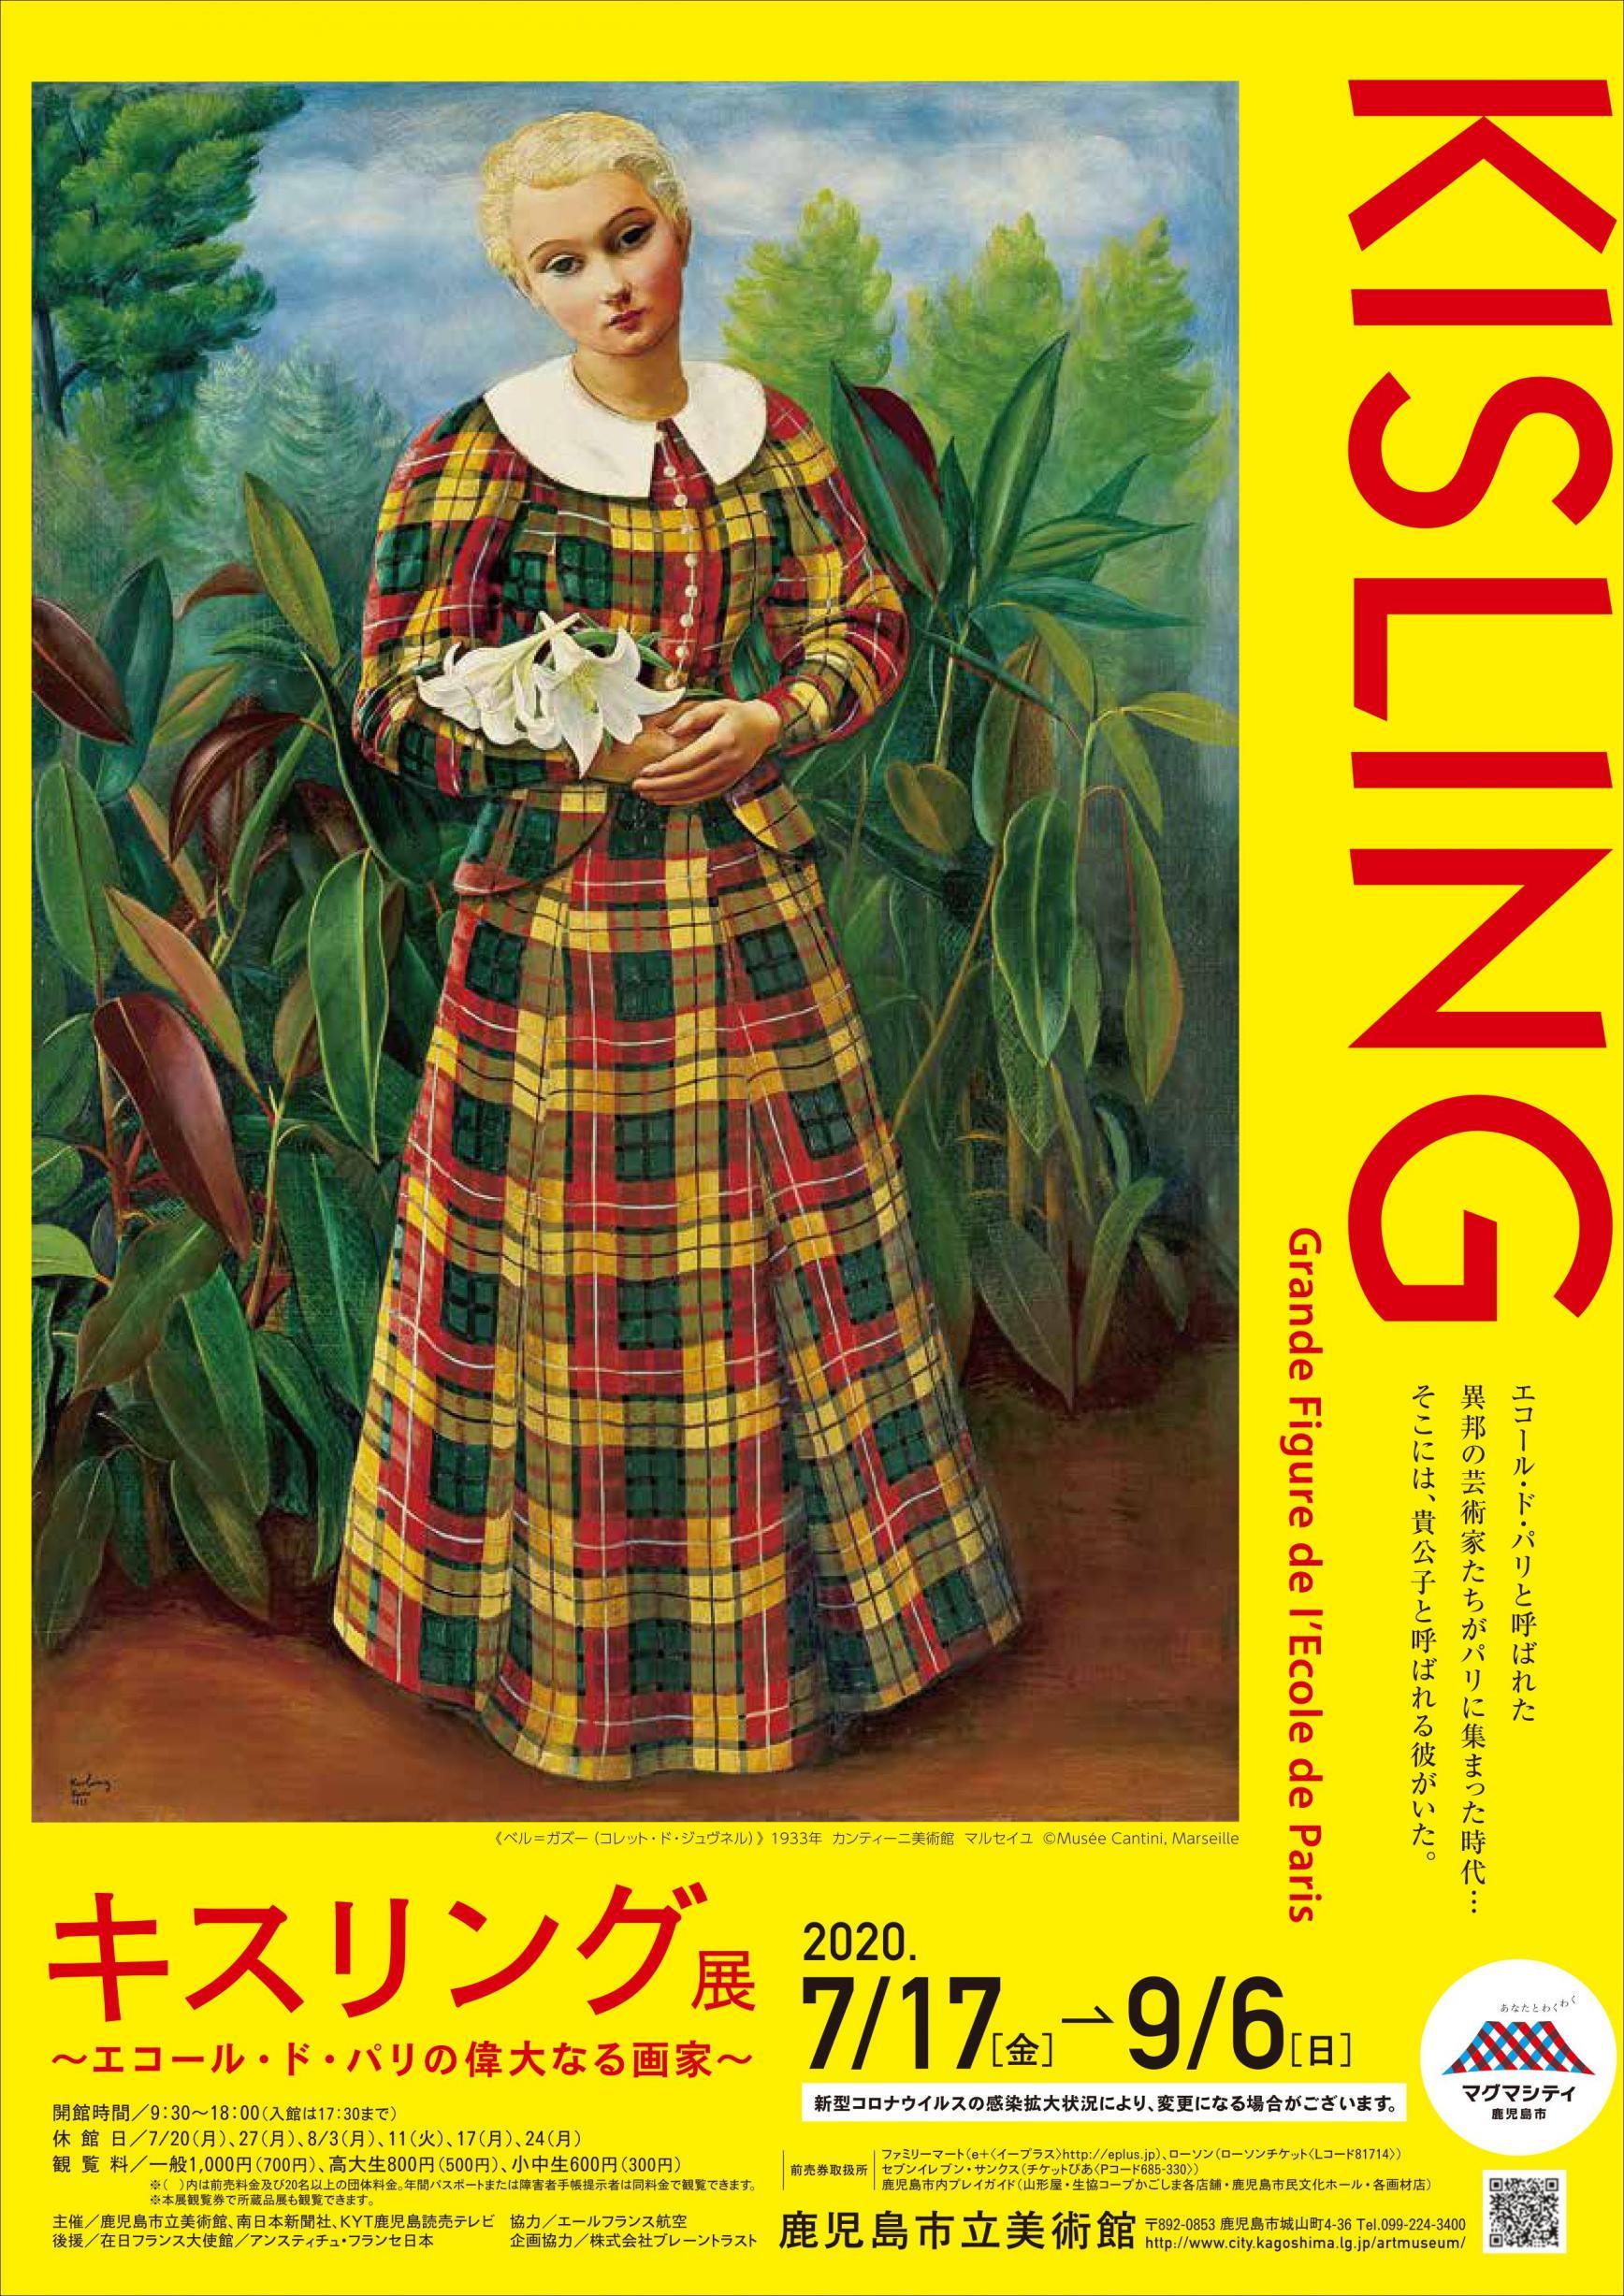 鹿児島市立美術館 特別企画展「キスリング展~エコール・ド・パリの偉大なる画家~」■開催期間:2020年7月17日(金)~9月6日(日) イメージ画像